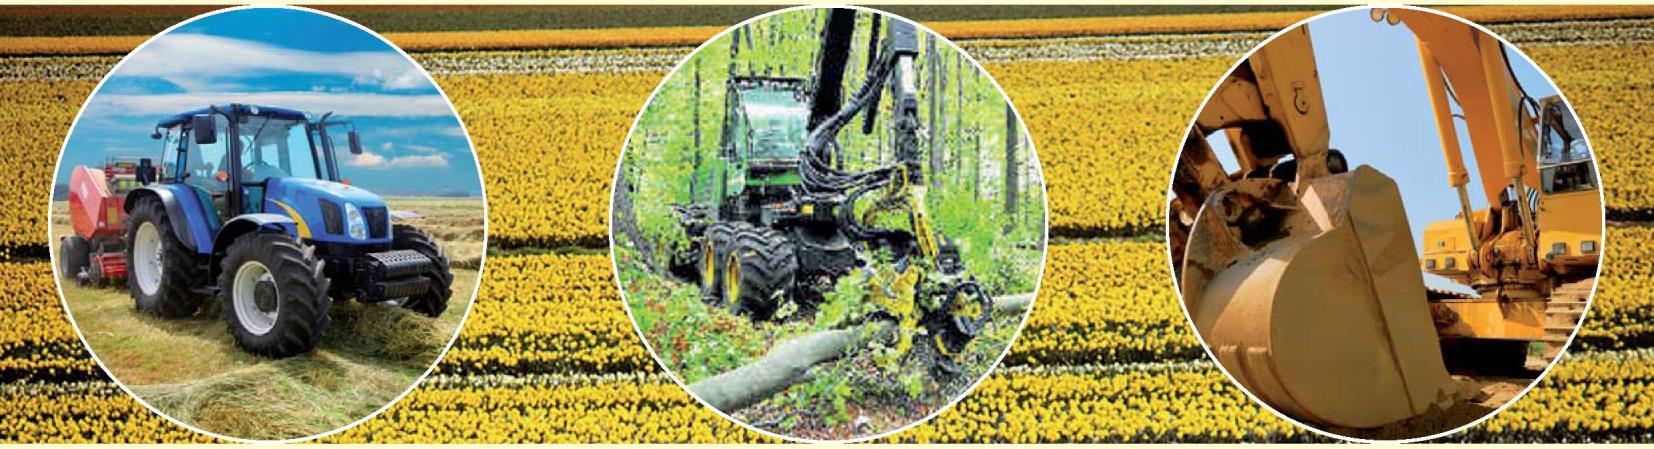 RO CATALOG Q8OILS AGRICULTURA